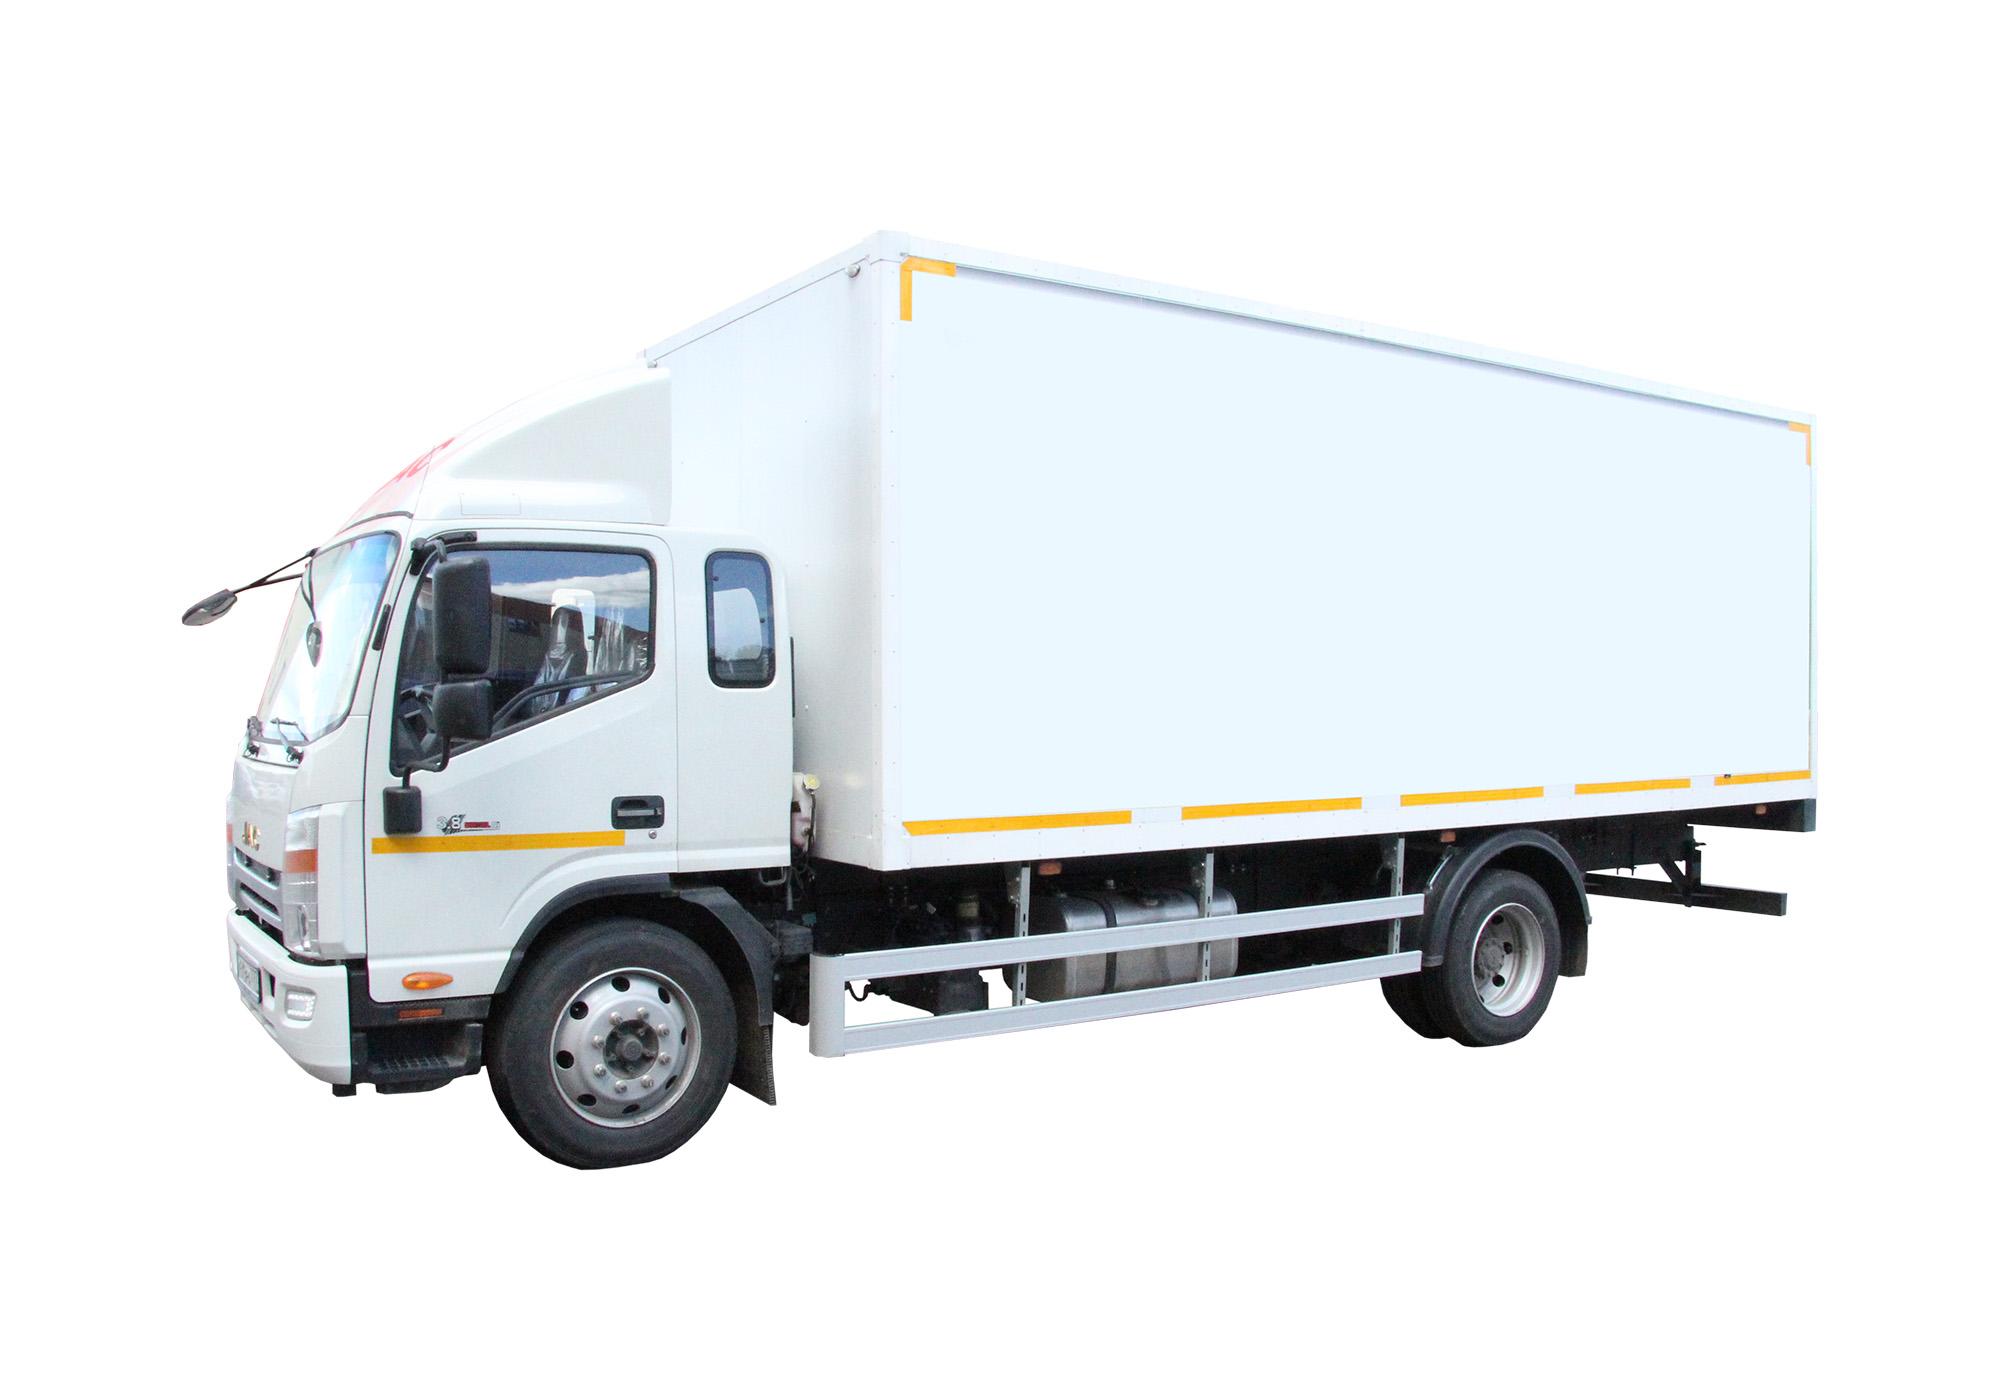 Правила транспортировки: как перевозить пельмени и другие полуфабрикаты